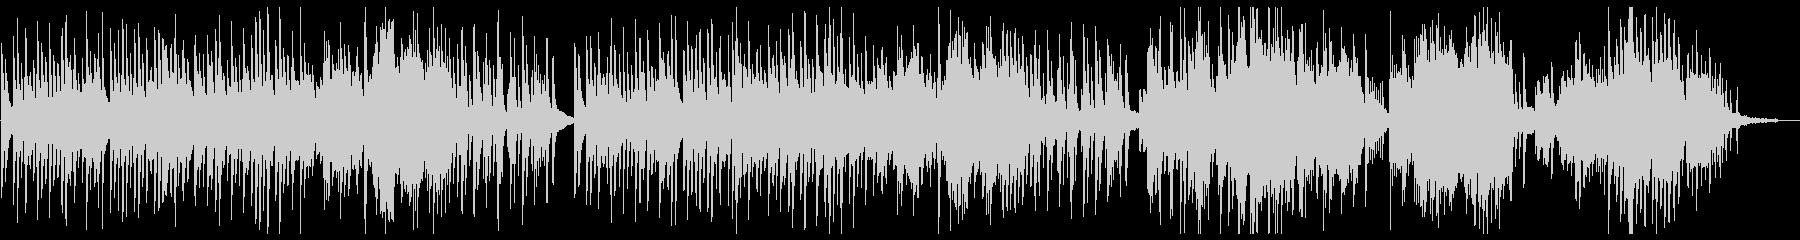 ゆったり美しいピアノソロの未再生の波形